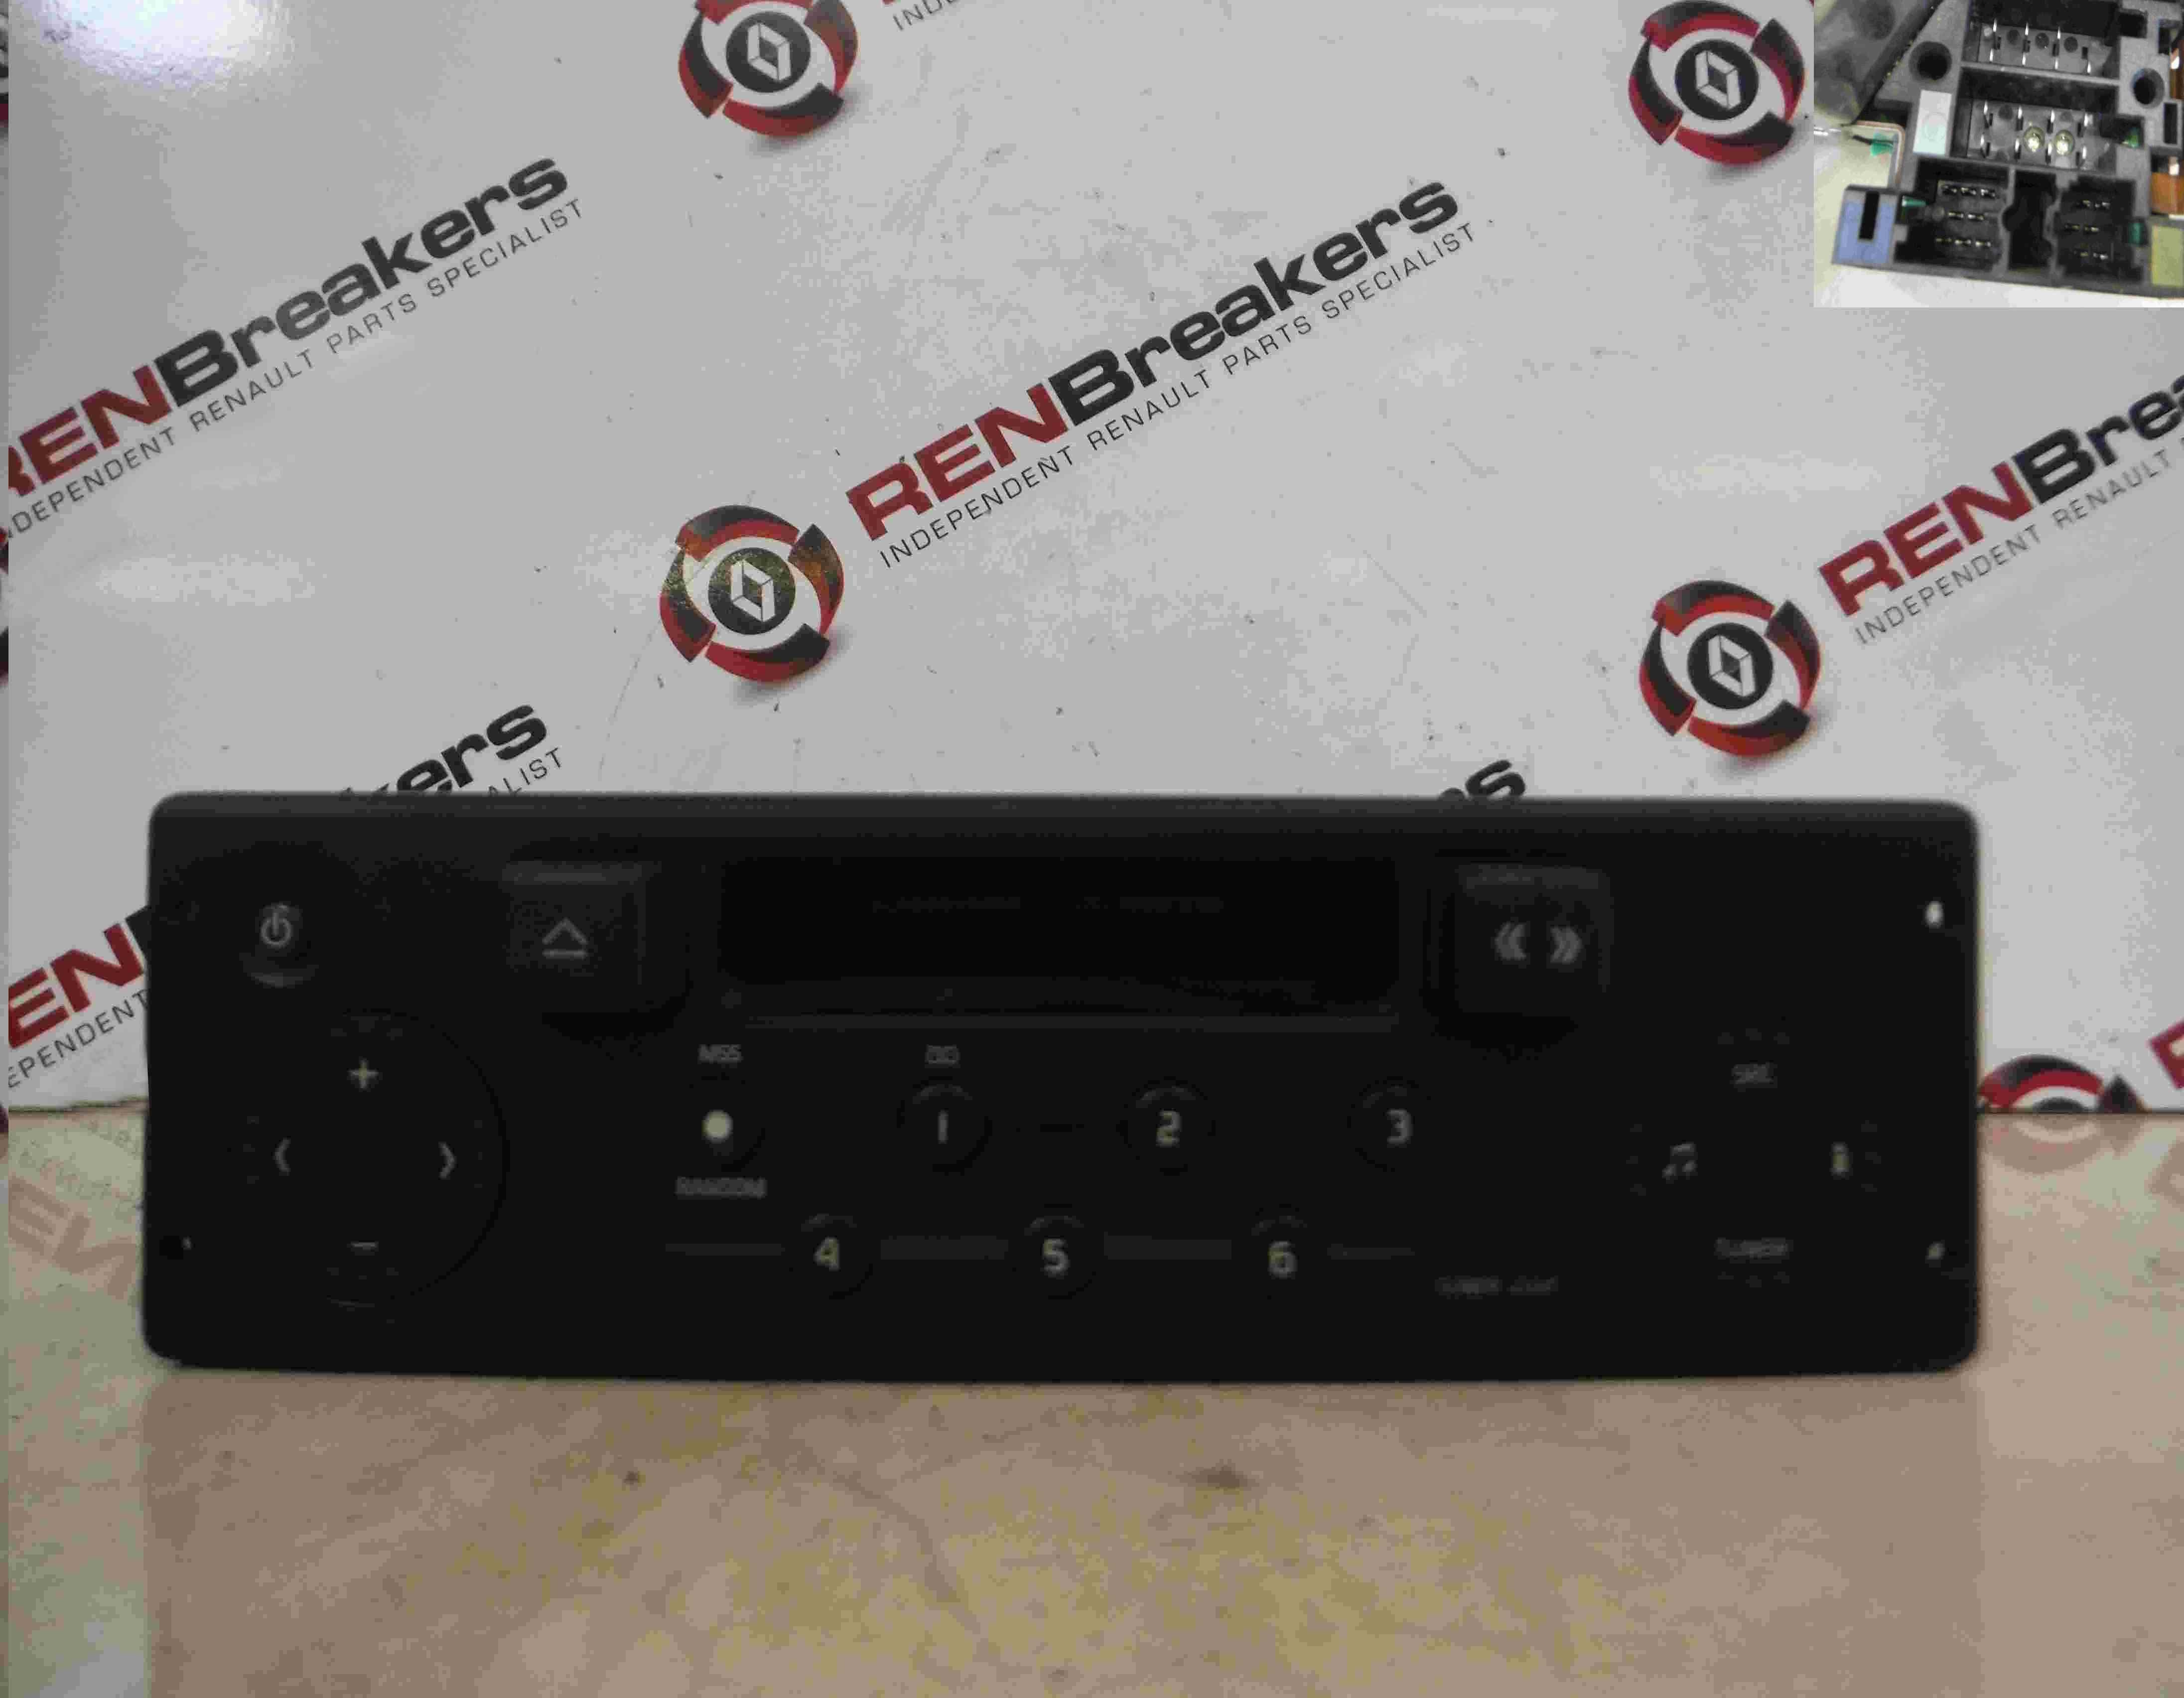 renault megane 1999 2002 radio casette player tuner list code ebay. Black Bedroom Furniture Sets. Home Design Ideas